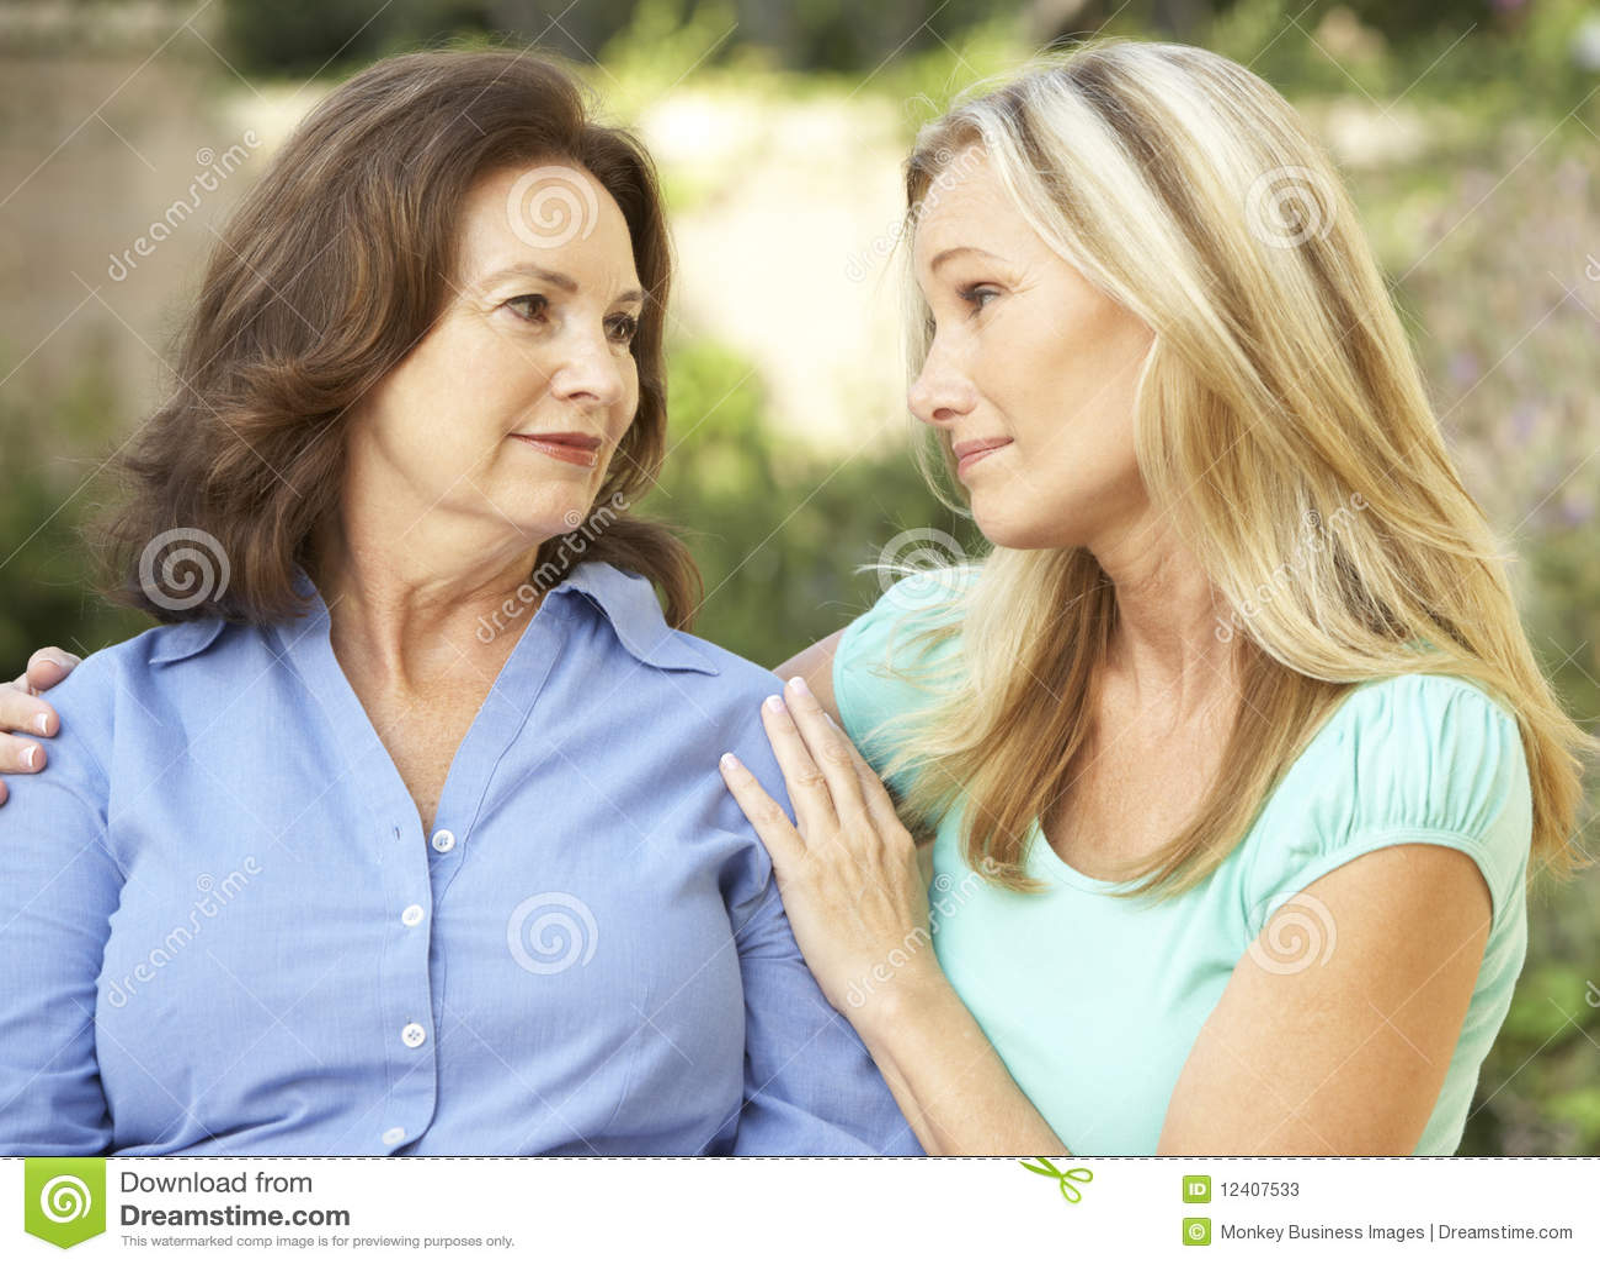 Юноша и подруги мамы 10 фотография